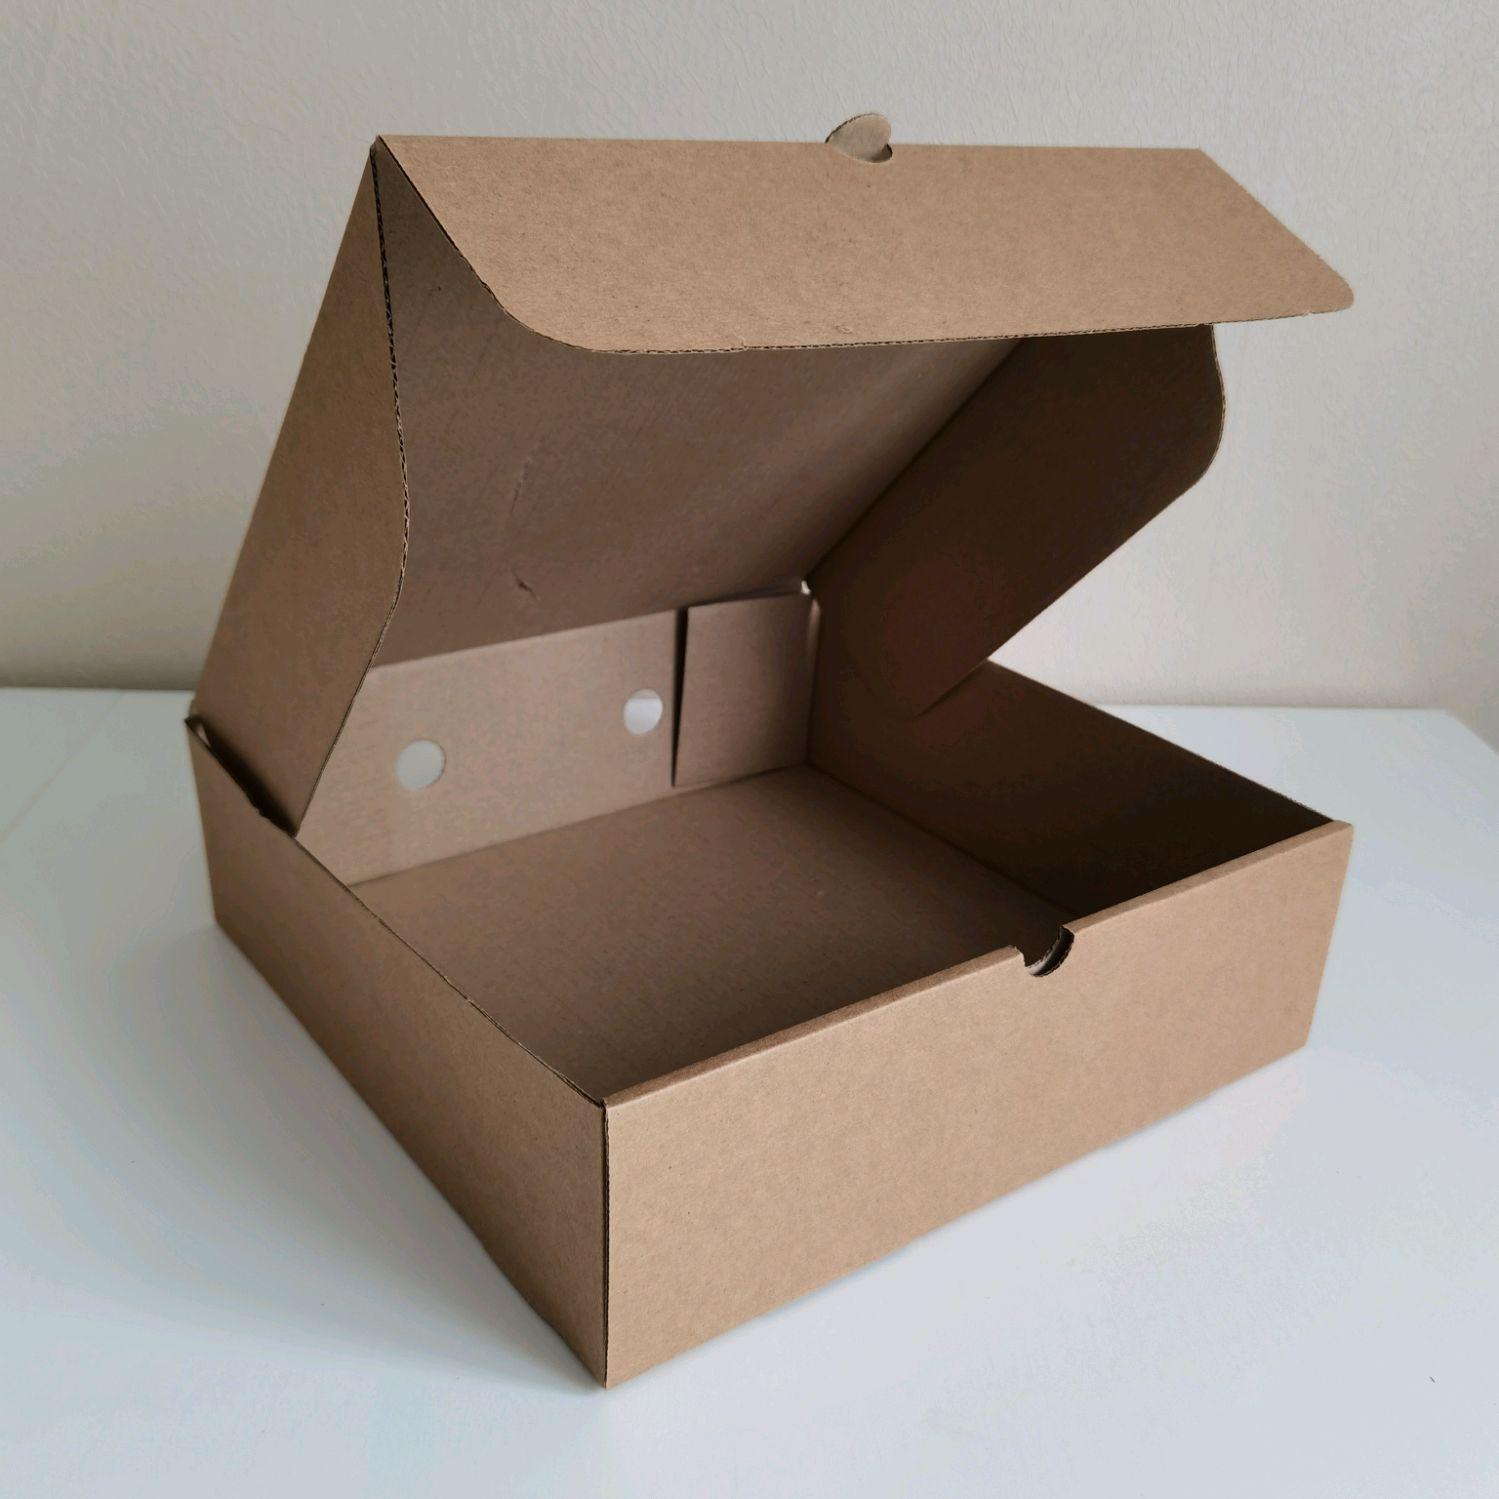 Коробка 28*28*8,5 см, Коробки, Санкт-Петербург,  Фото №1